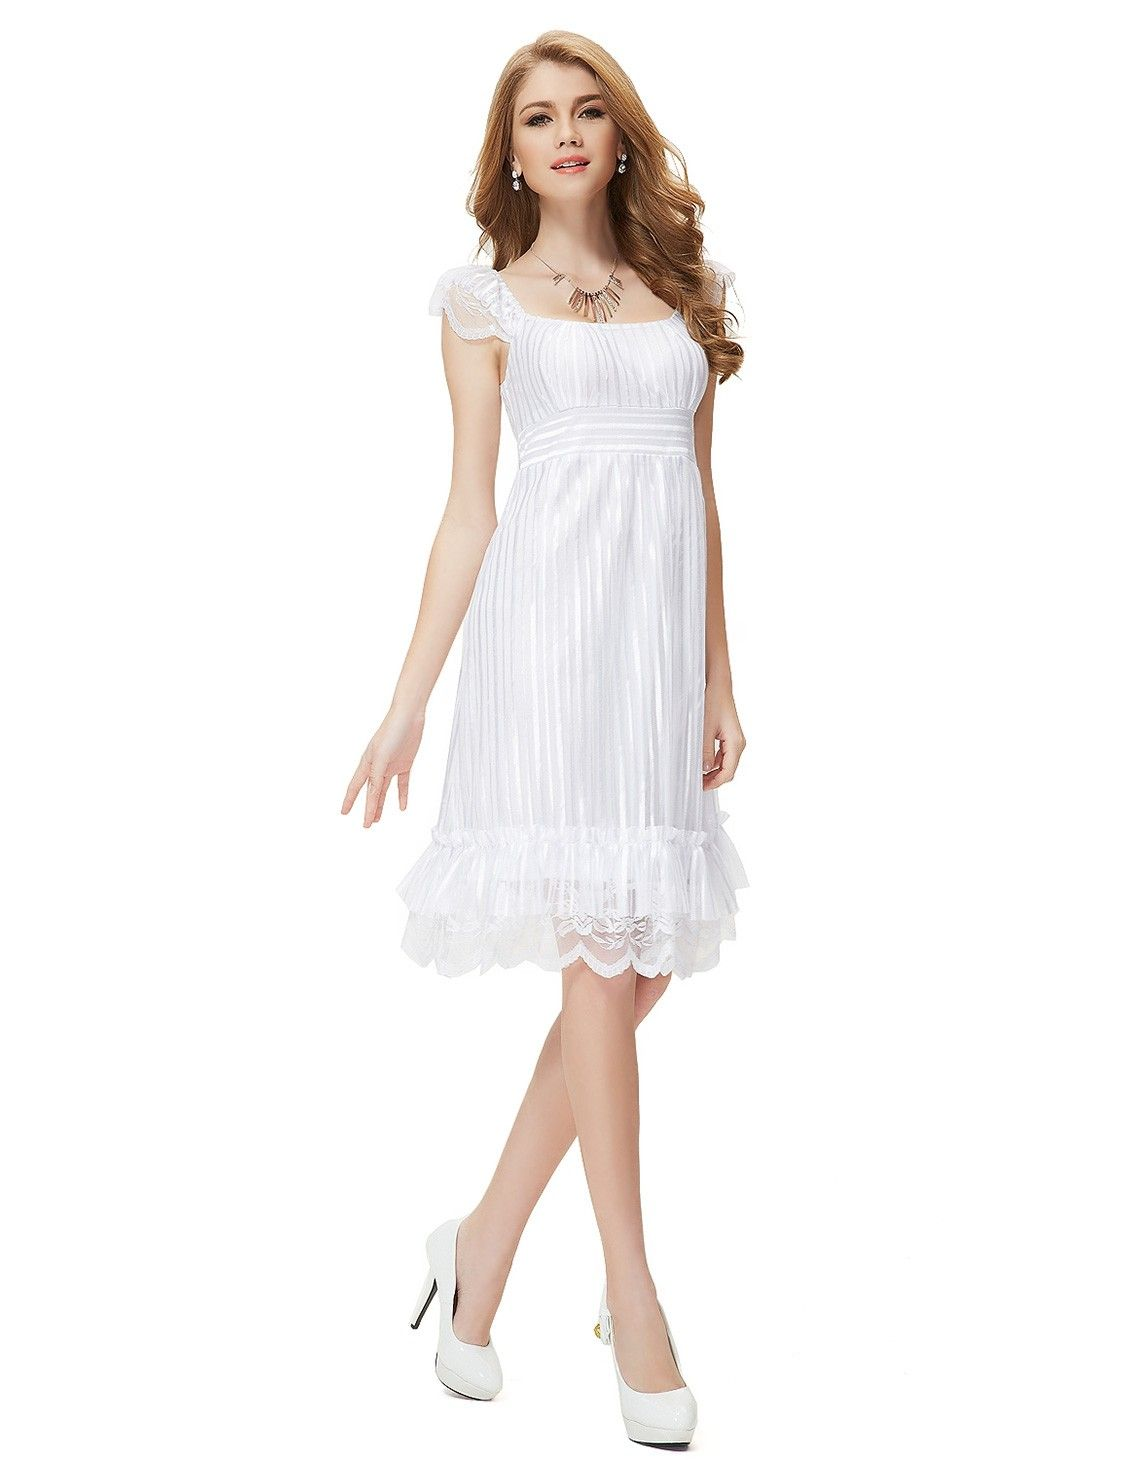 Schickes Top Cocktailkleid Weiß | Günstige Damenmode Online Kaufen ...